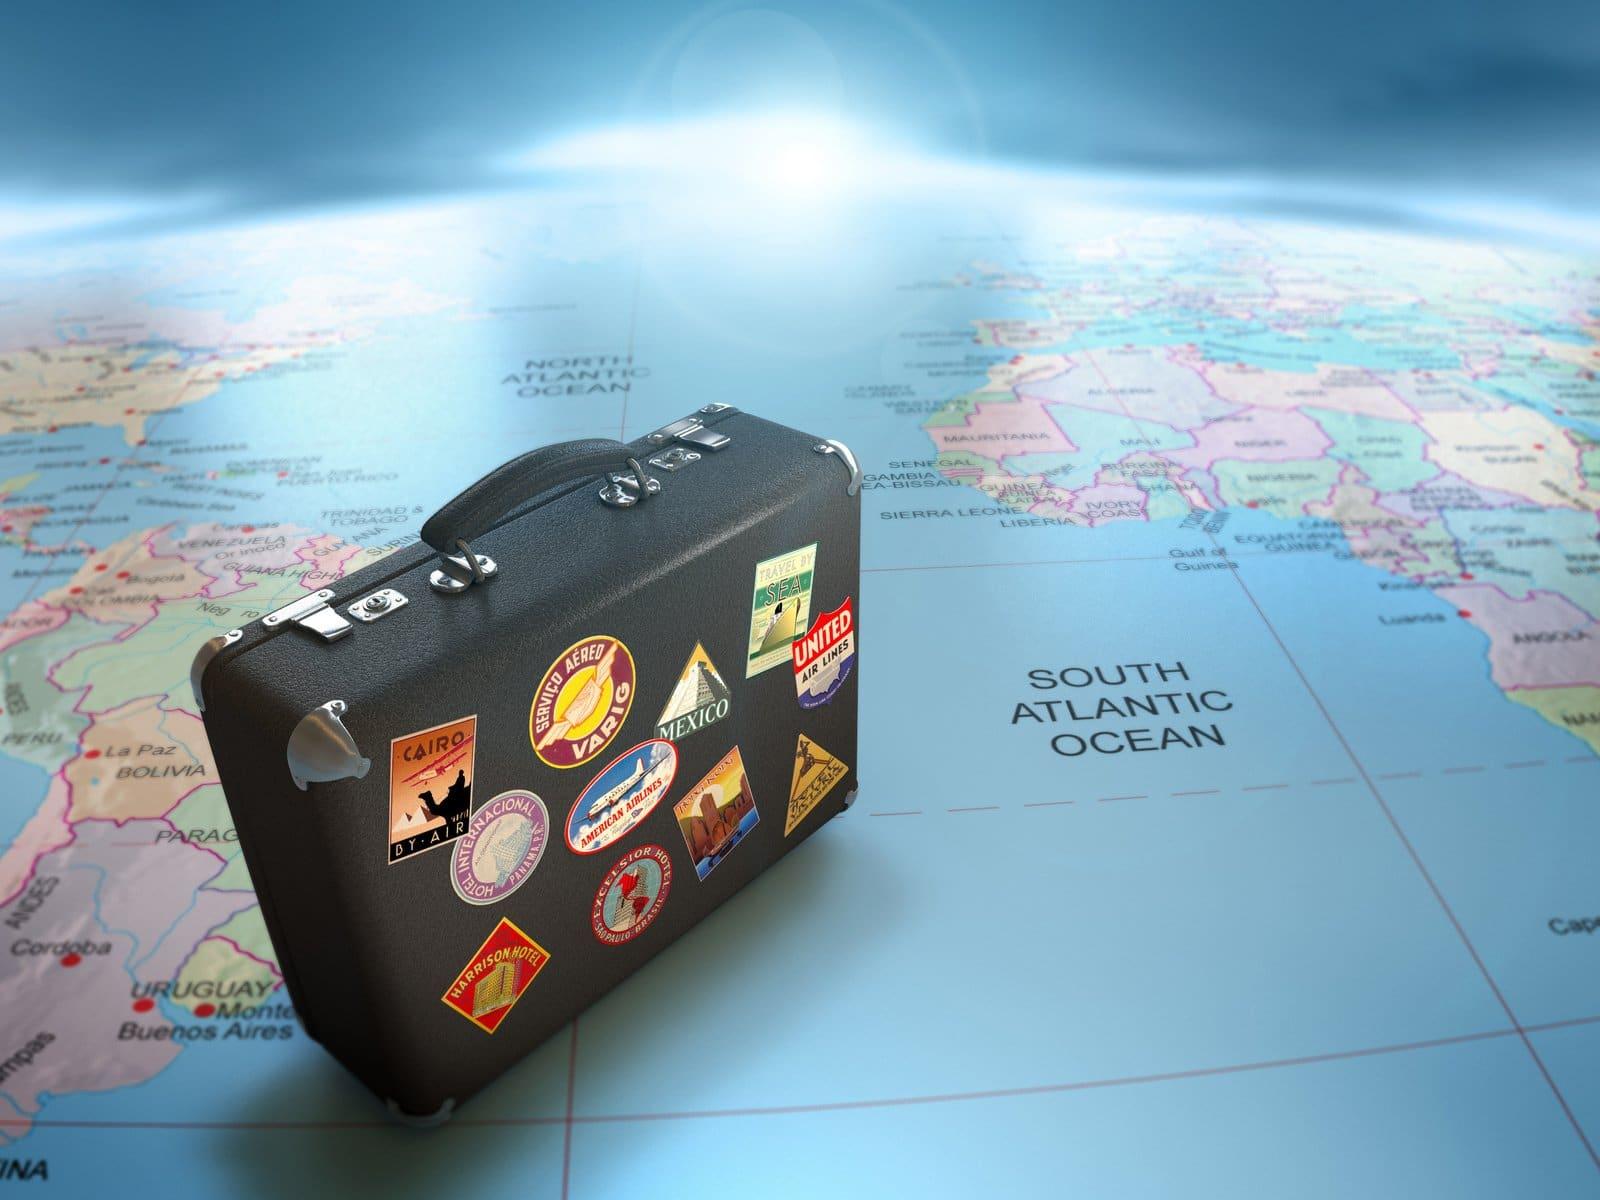 Через тернини до зірок: Працевлаштування за кордоном